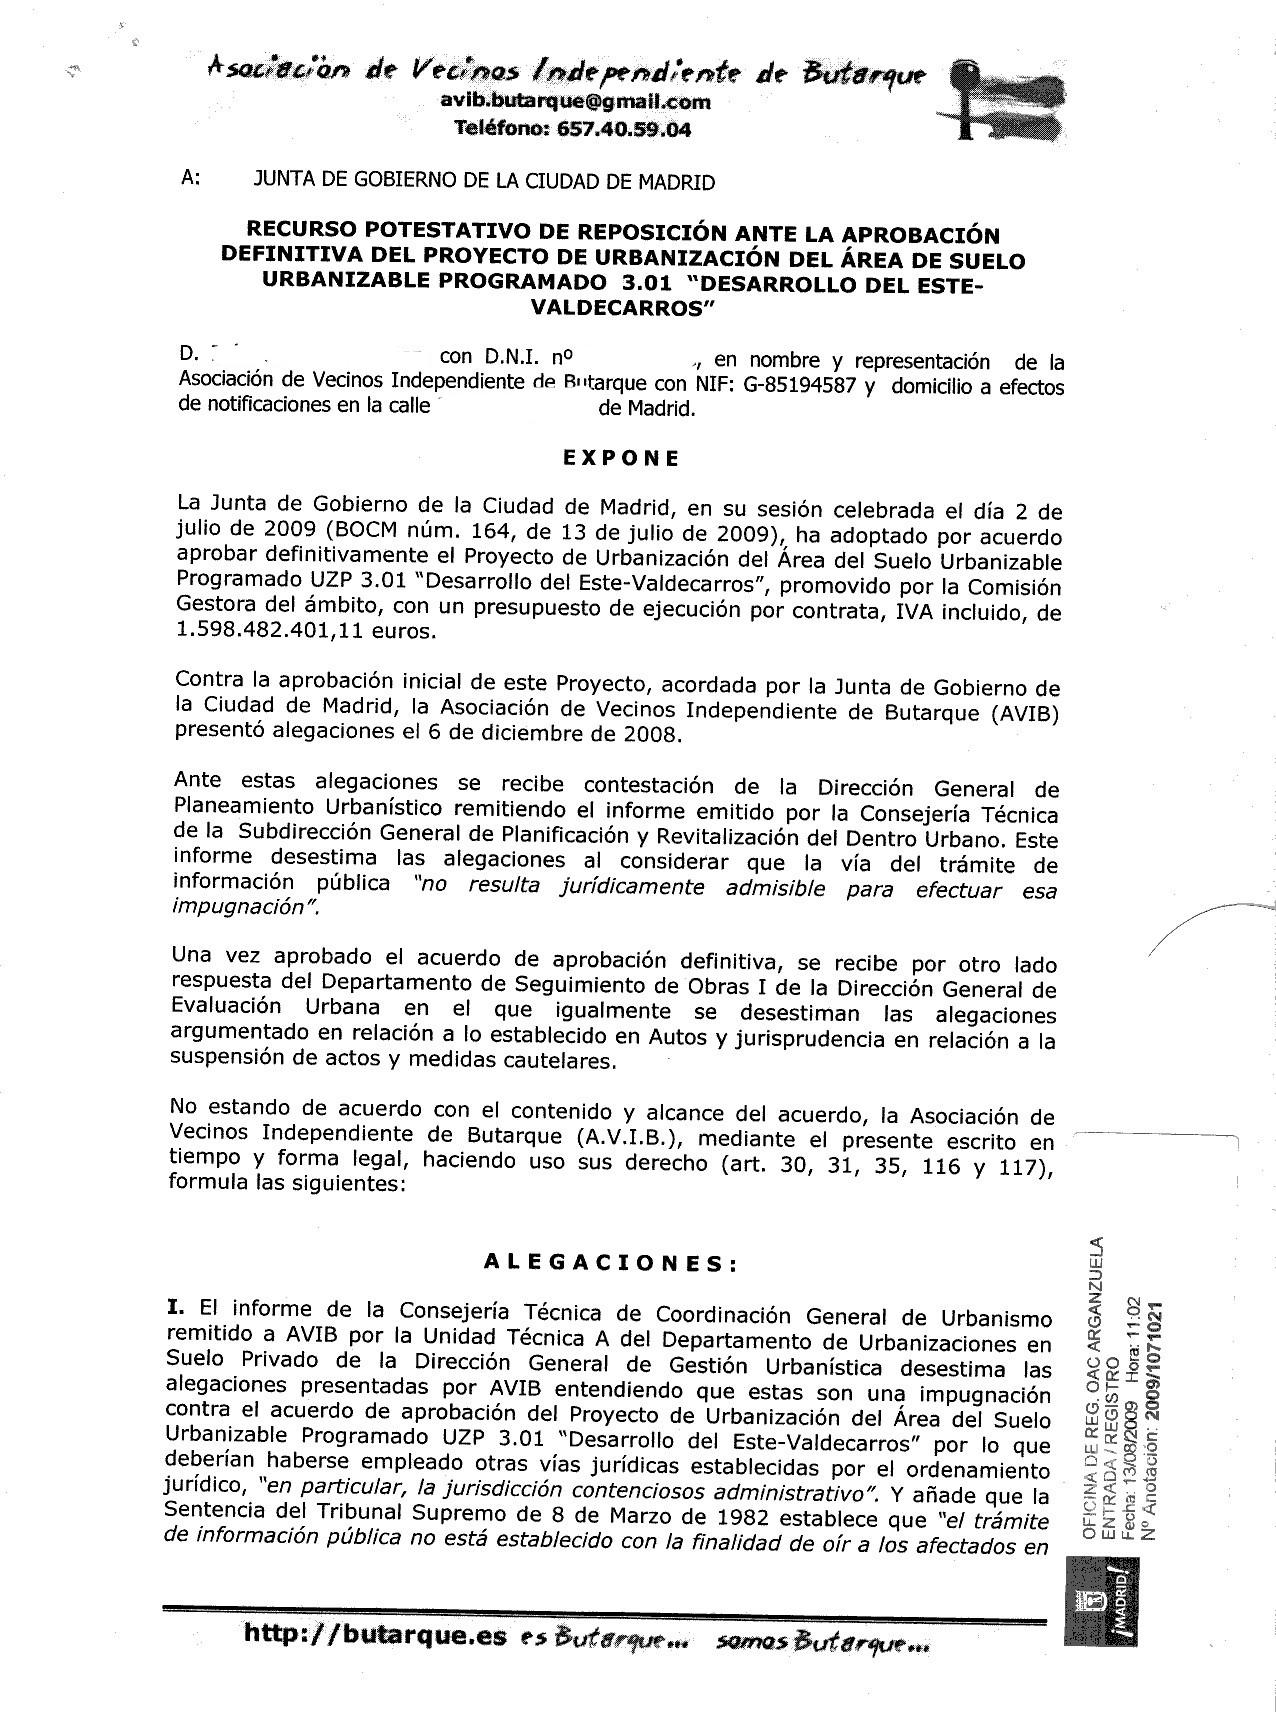 Recurso_aprobacion_Valdecarros.jpg